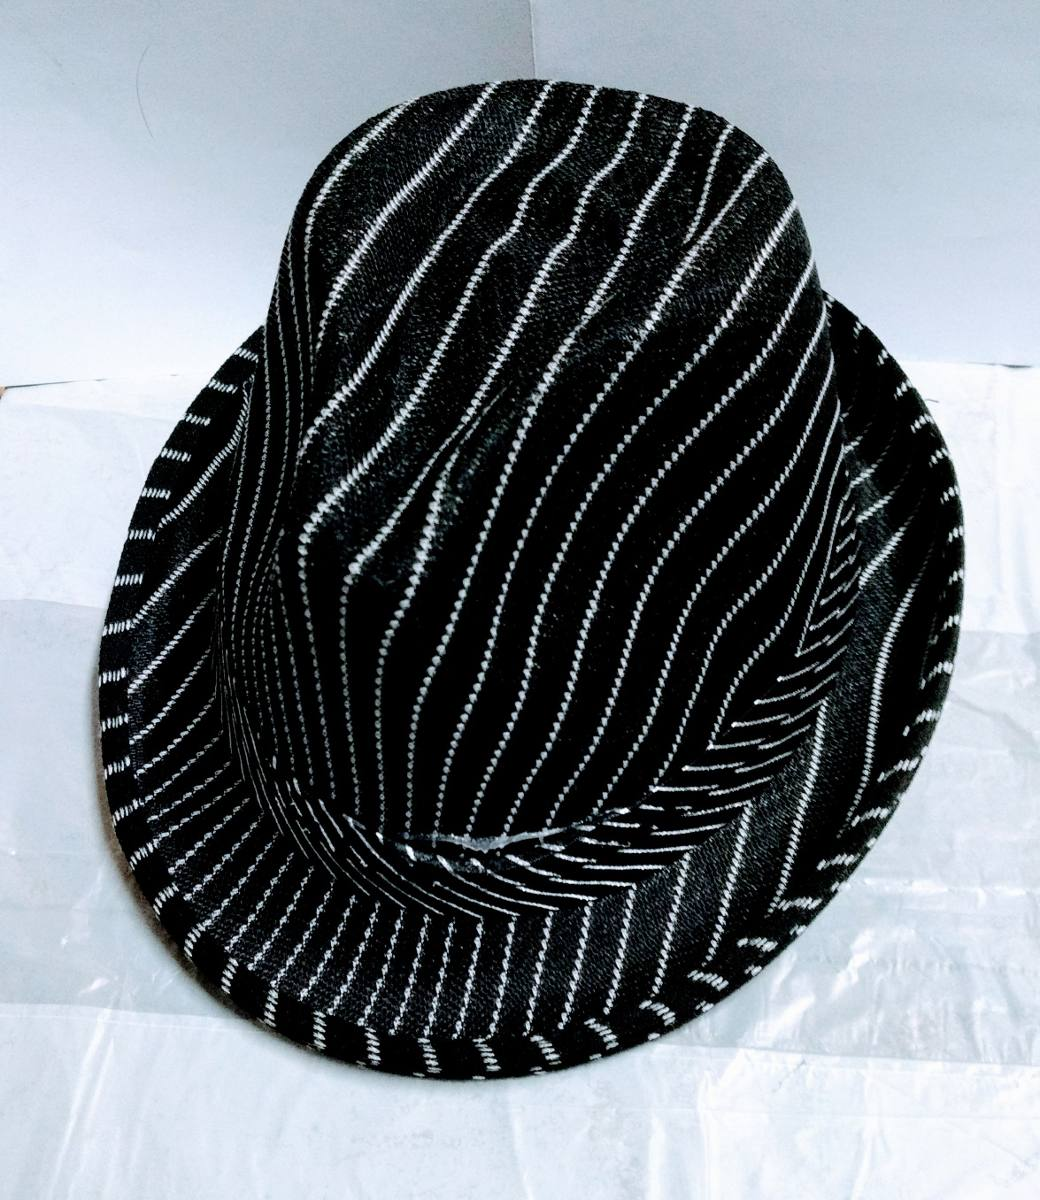 59a95ddf98fd8 sombrero chambergo tela sintetica hombre mujer niños blanco. Cargando zoom.